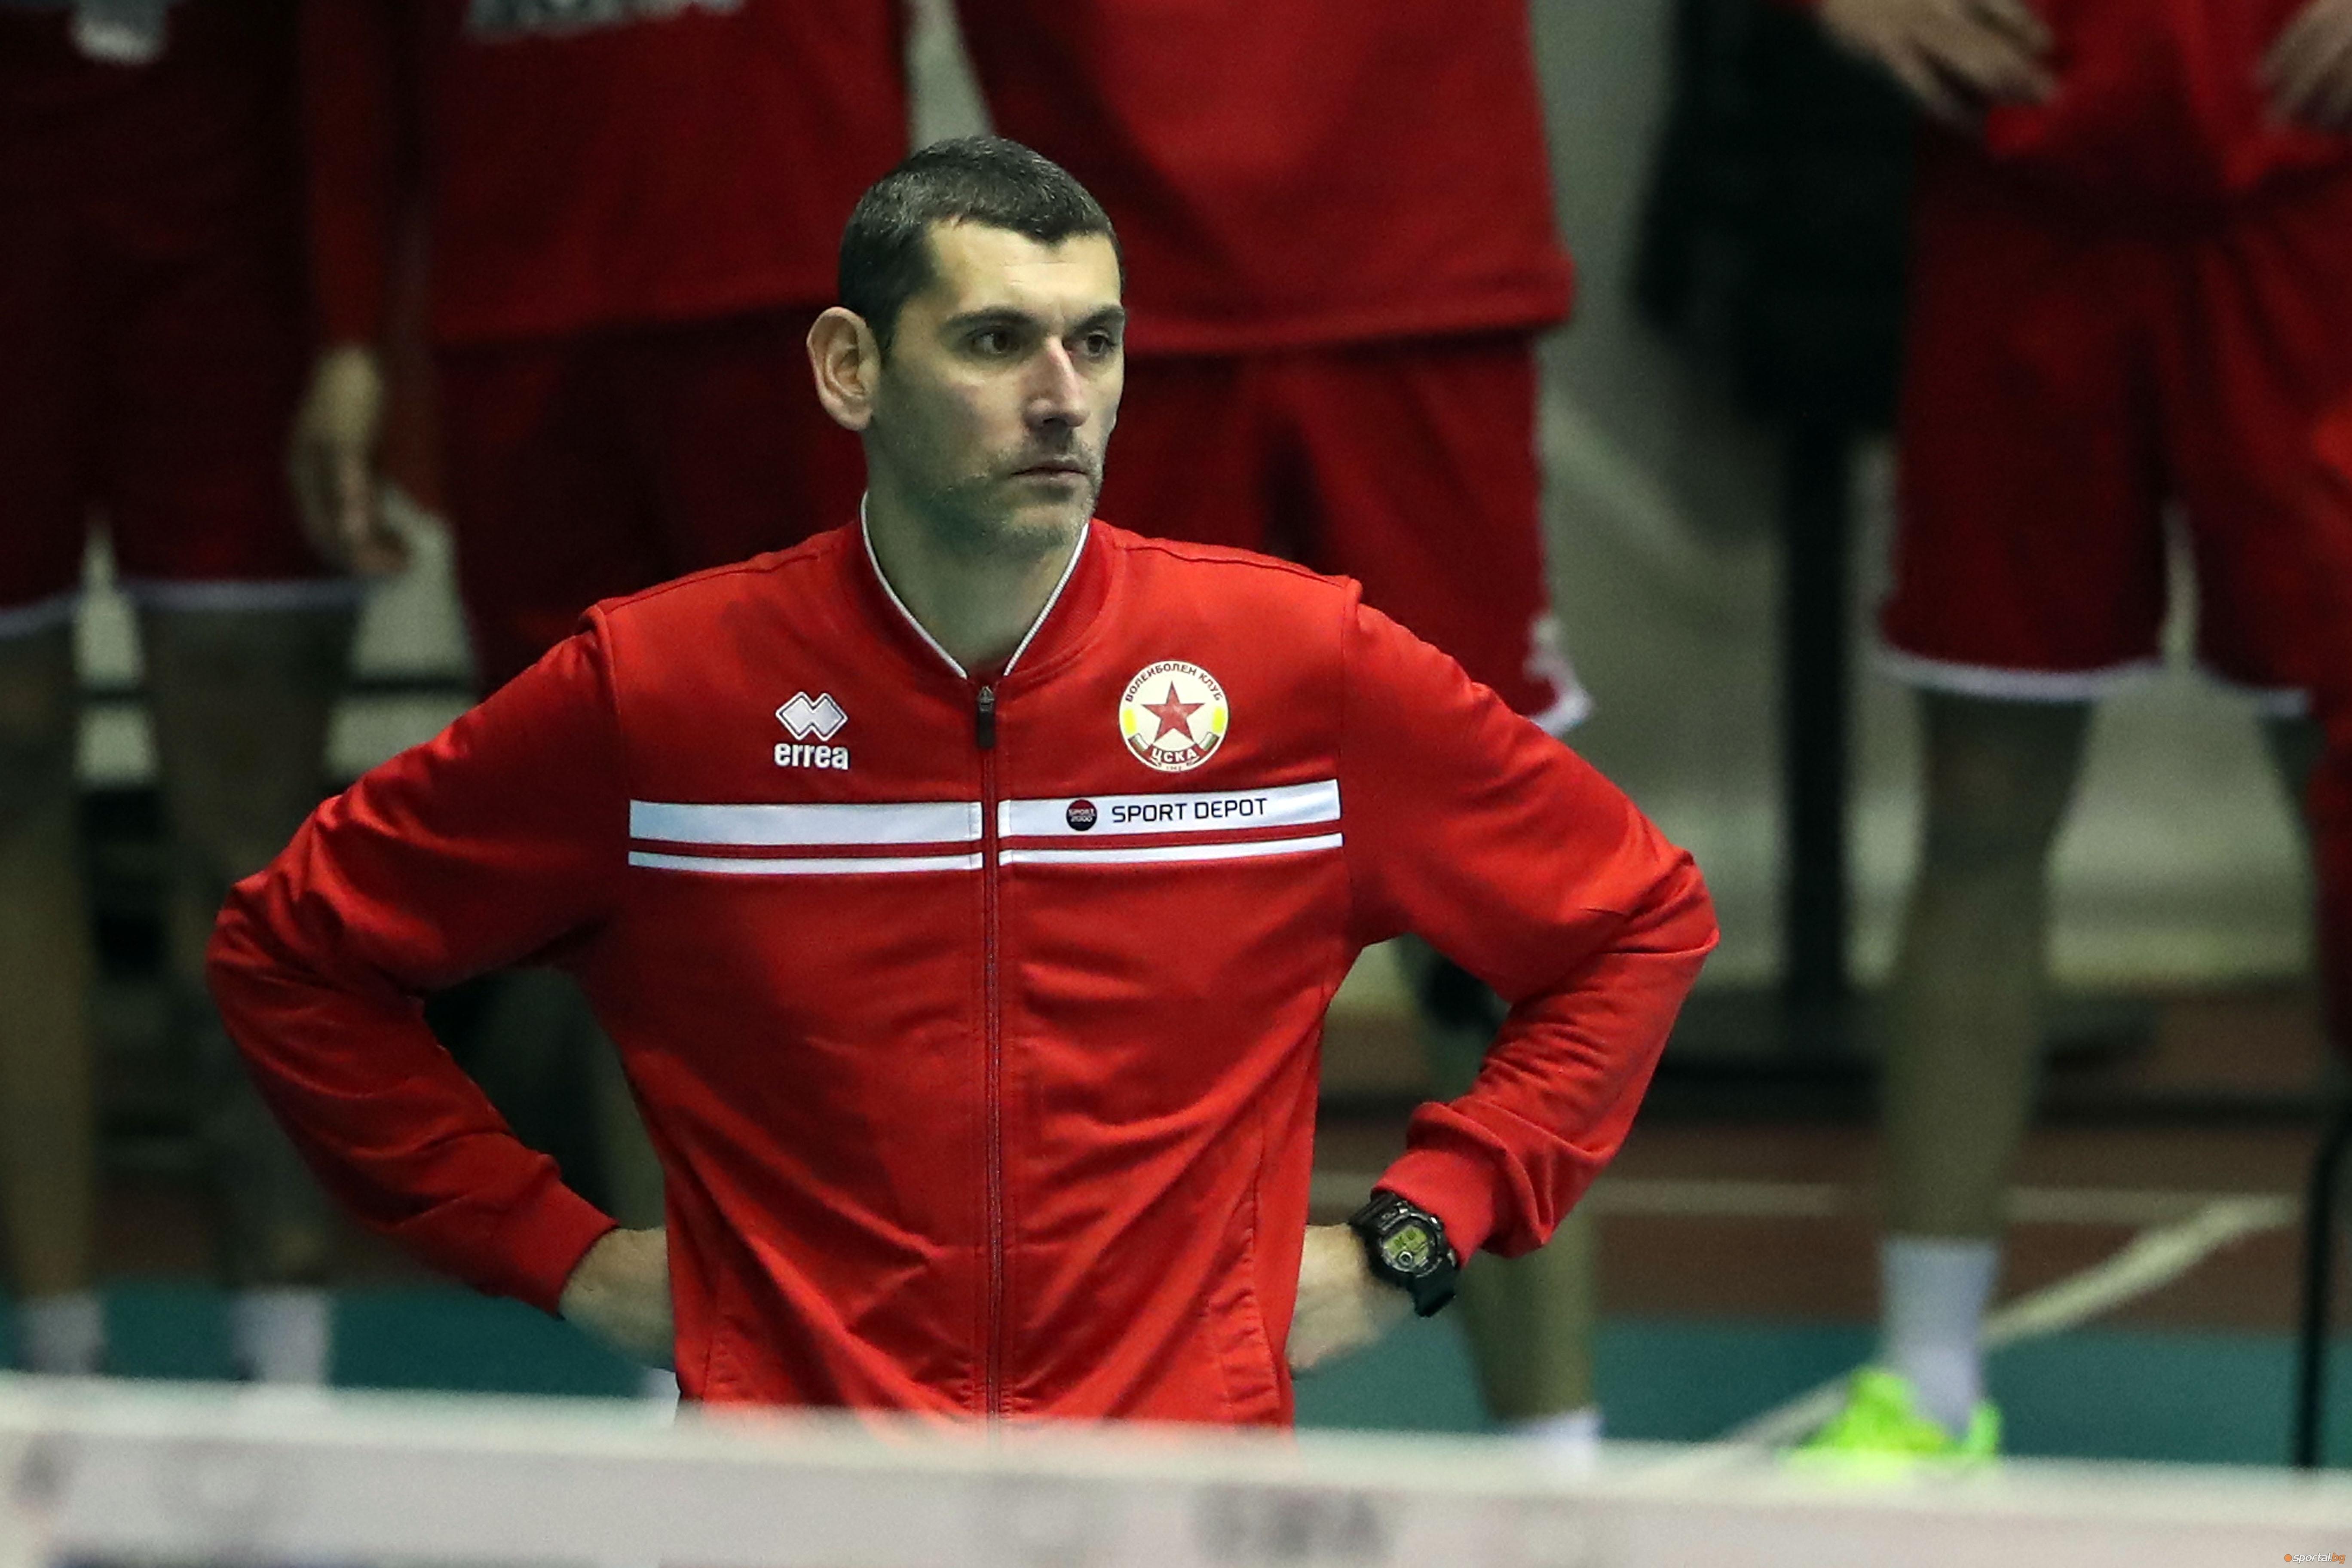 Старши треньорът на ЦСКА Александър Попов изрази задоволството си от